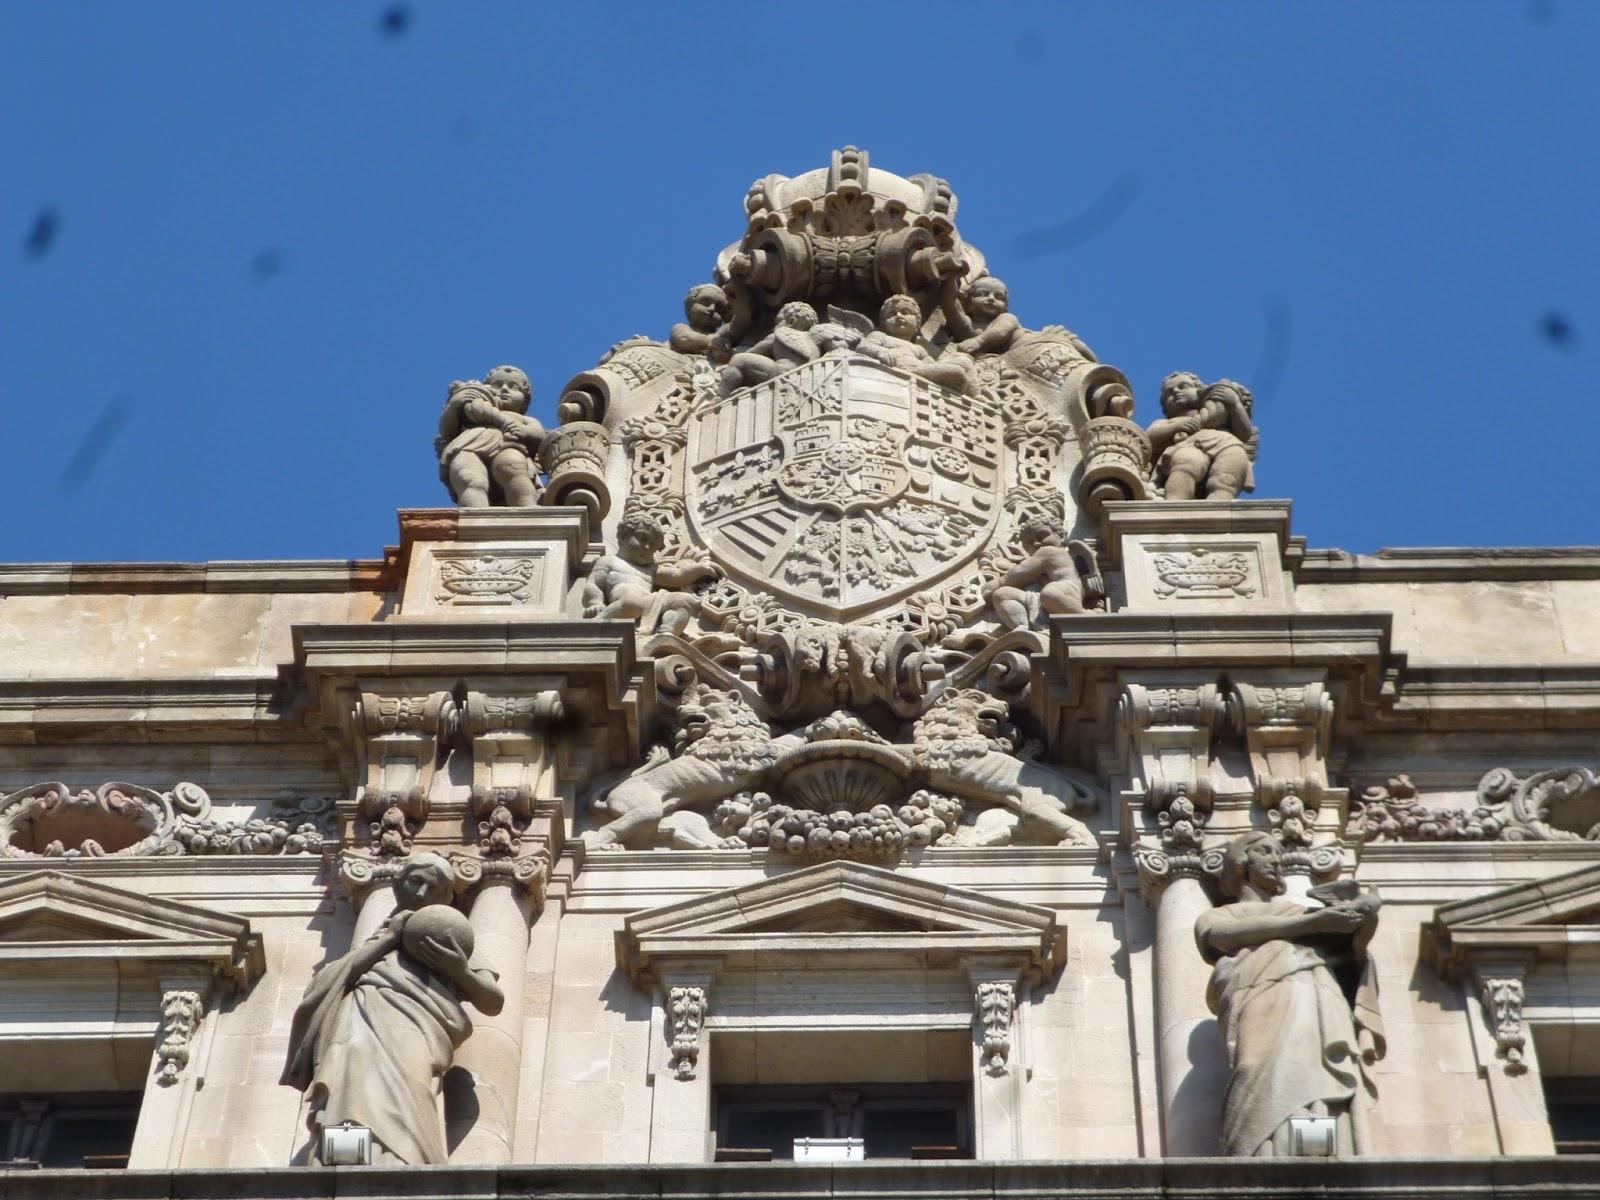 Barcelona de ayer la oficina central de correos - Oficina central de correos barcelona ...